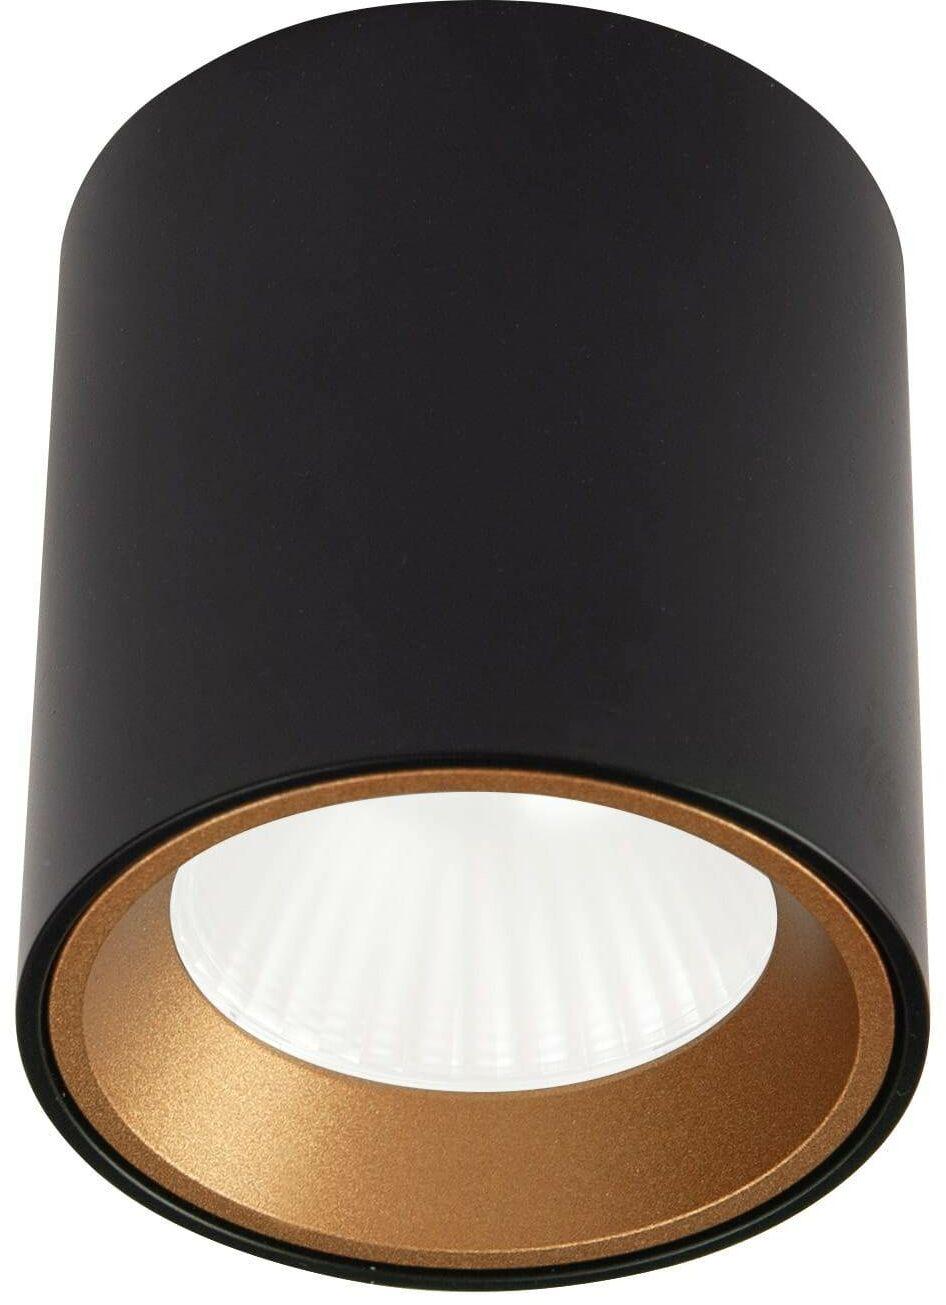 Oprawa natynkowa Tub C0211 okrągła czarna + pierścień ozdobny złoty RC0155/C0156 MaxLight